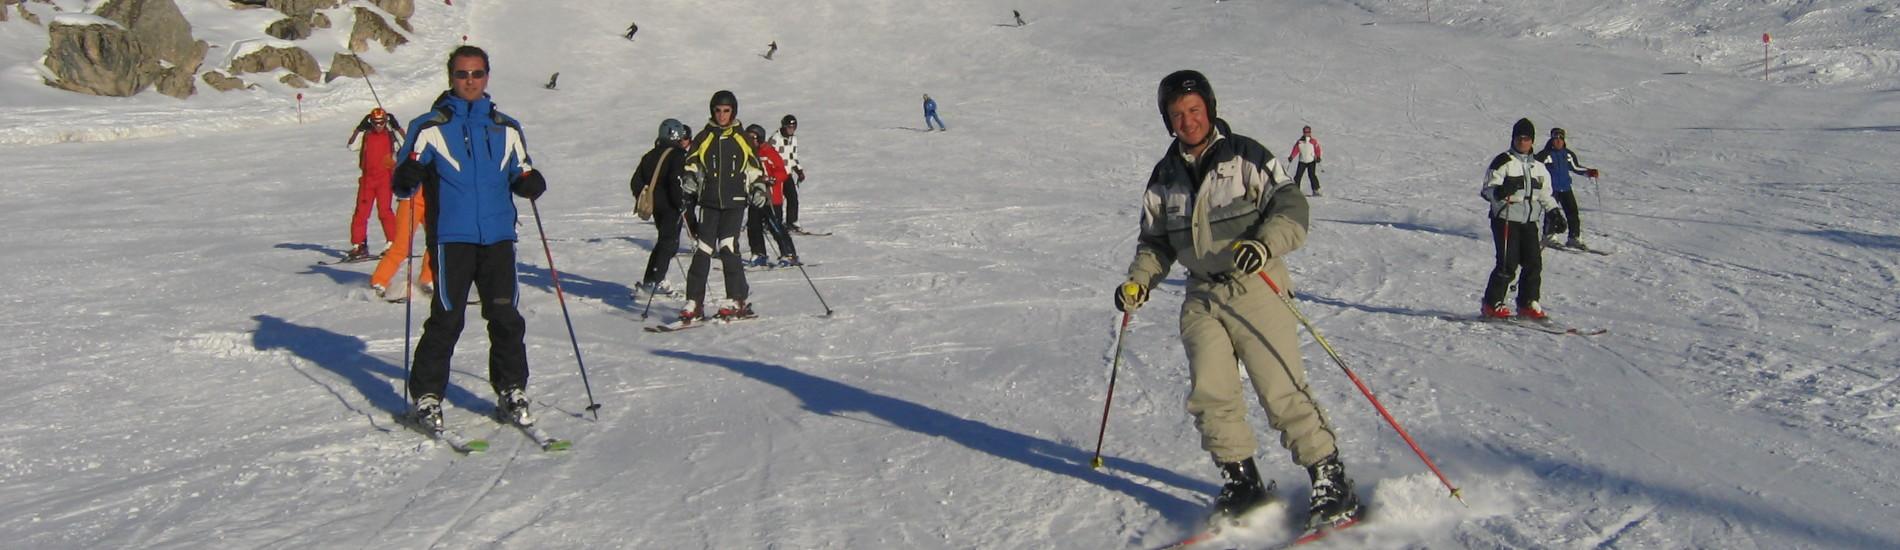 Skitour sulle Dolomiti